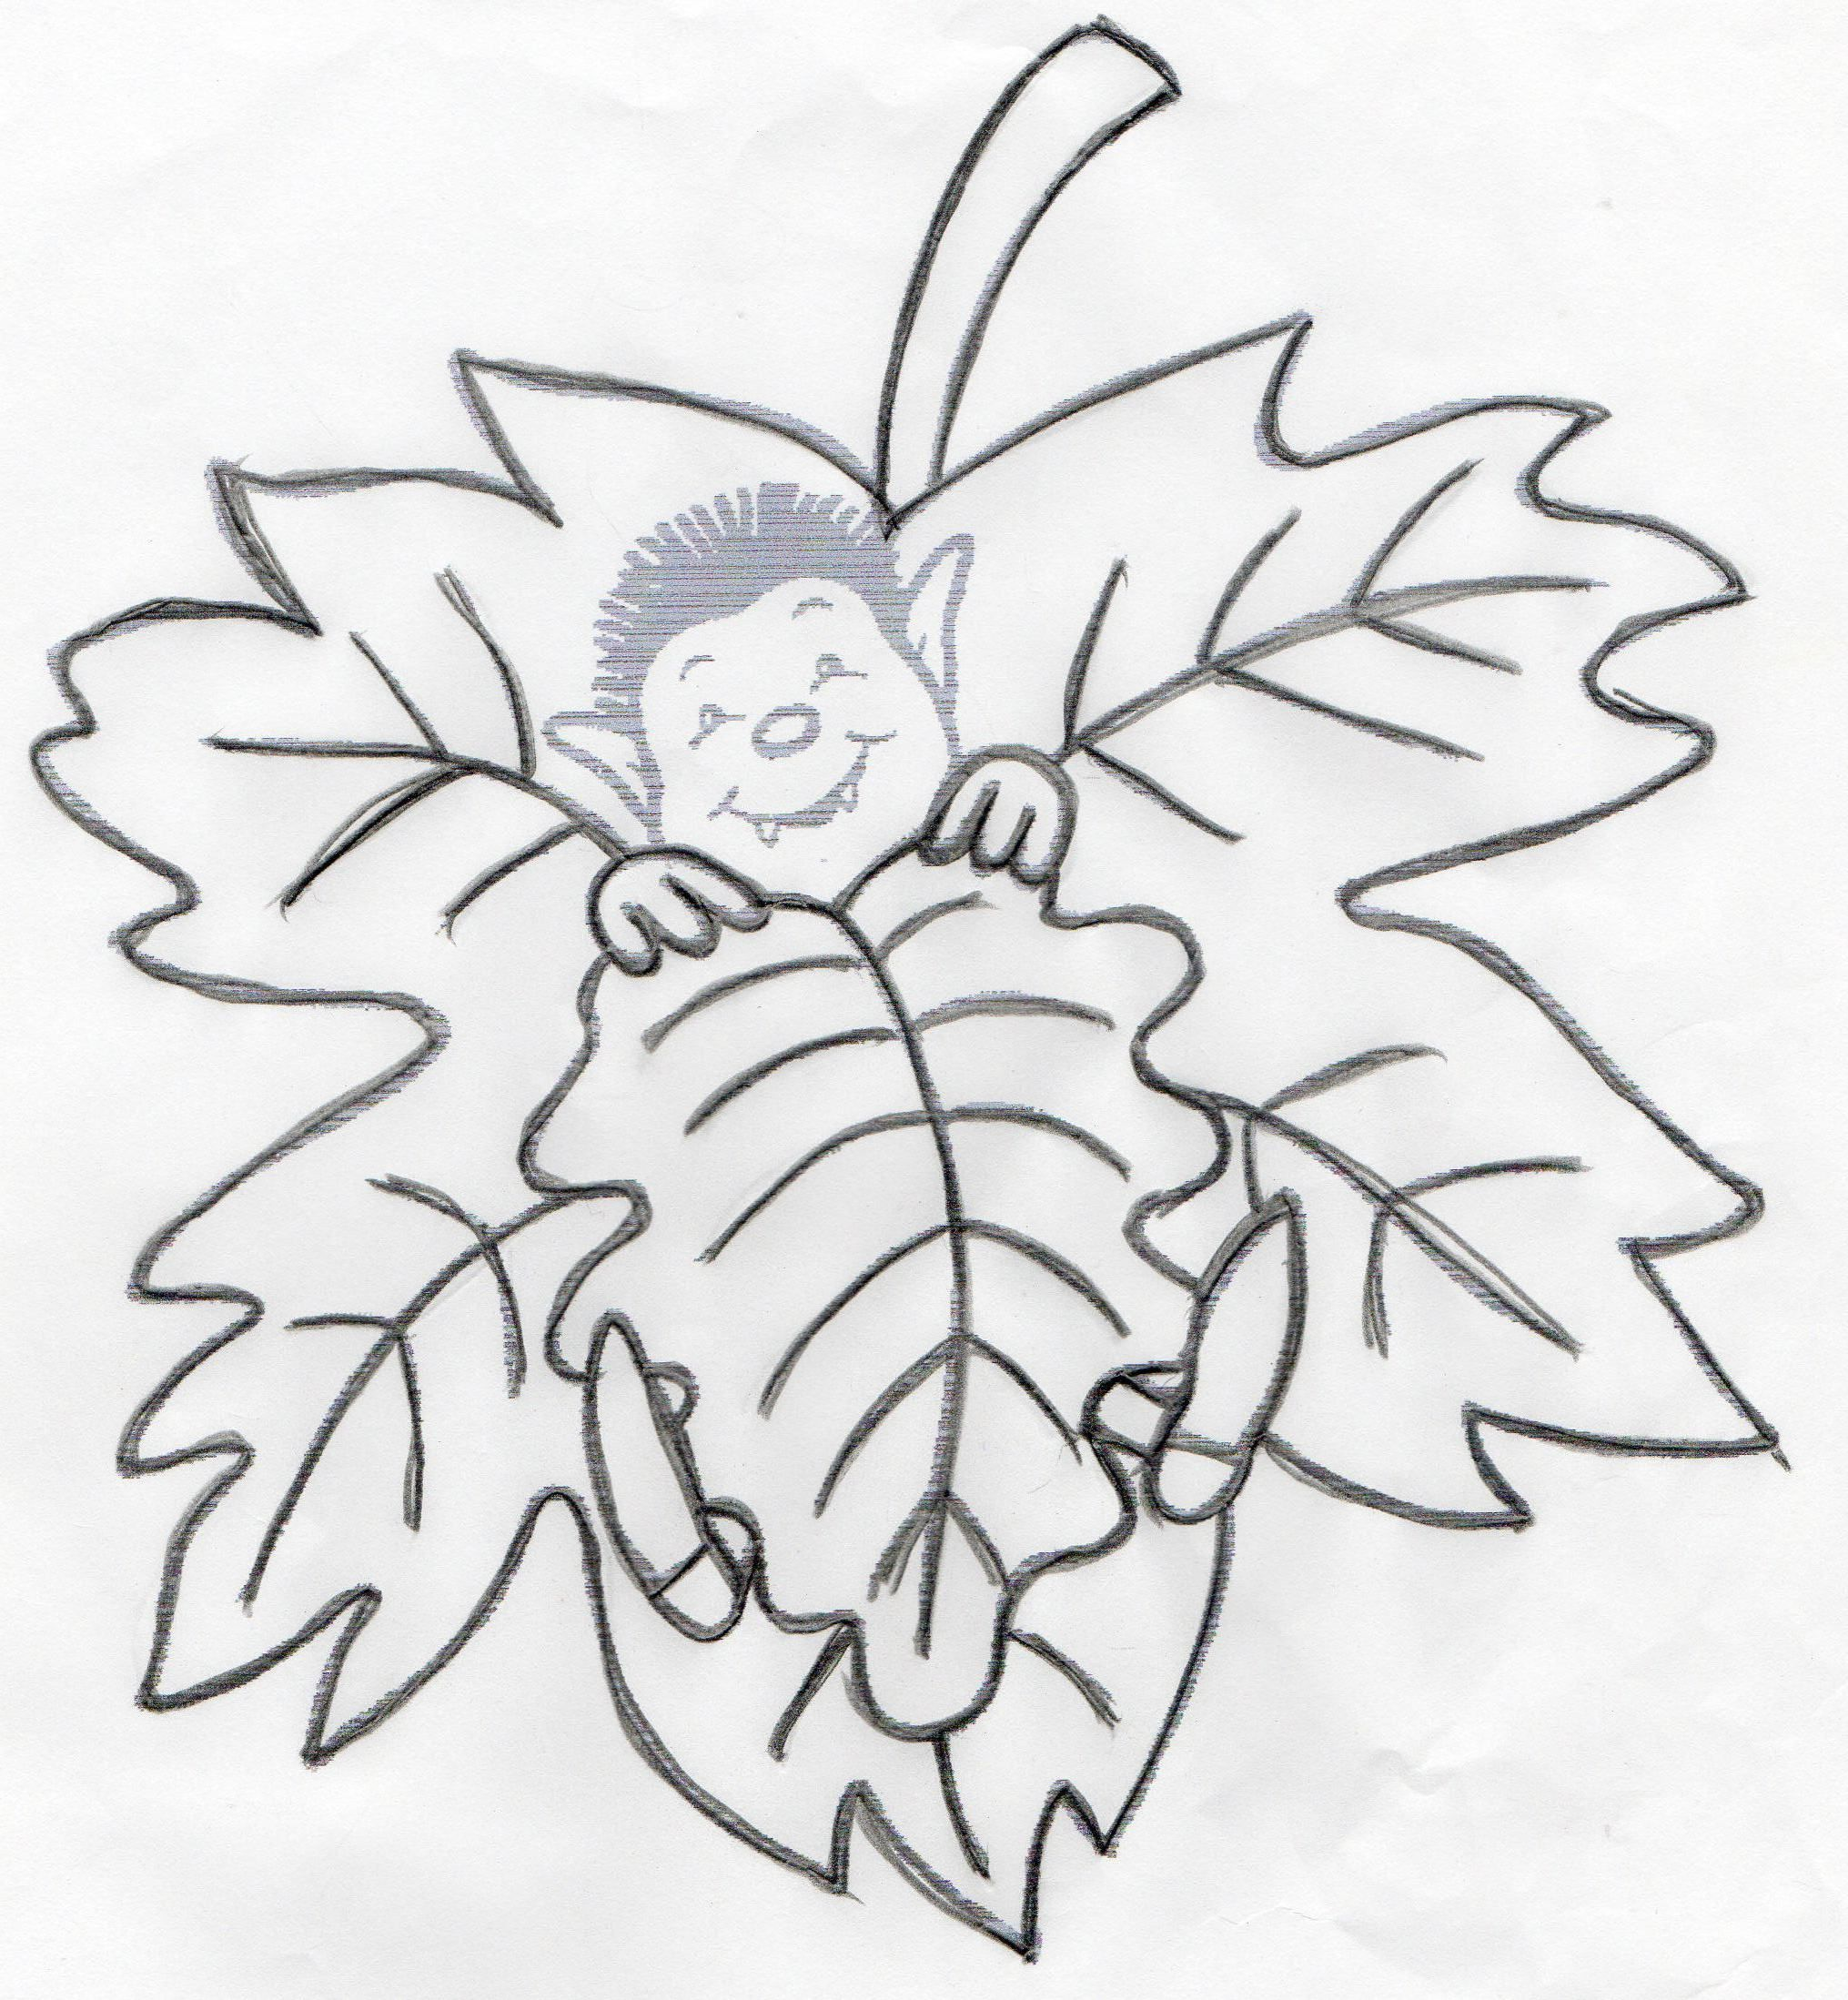 Gabarit des feuilles d'automne.